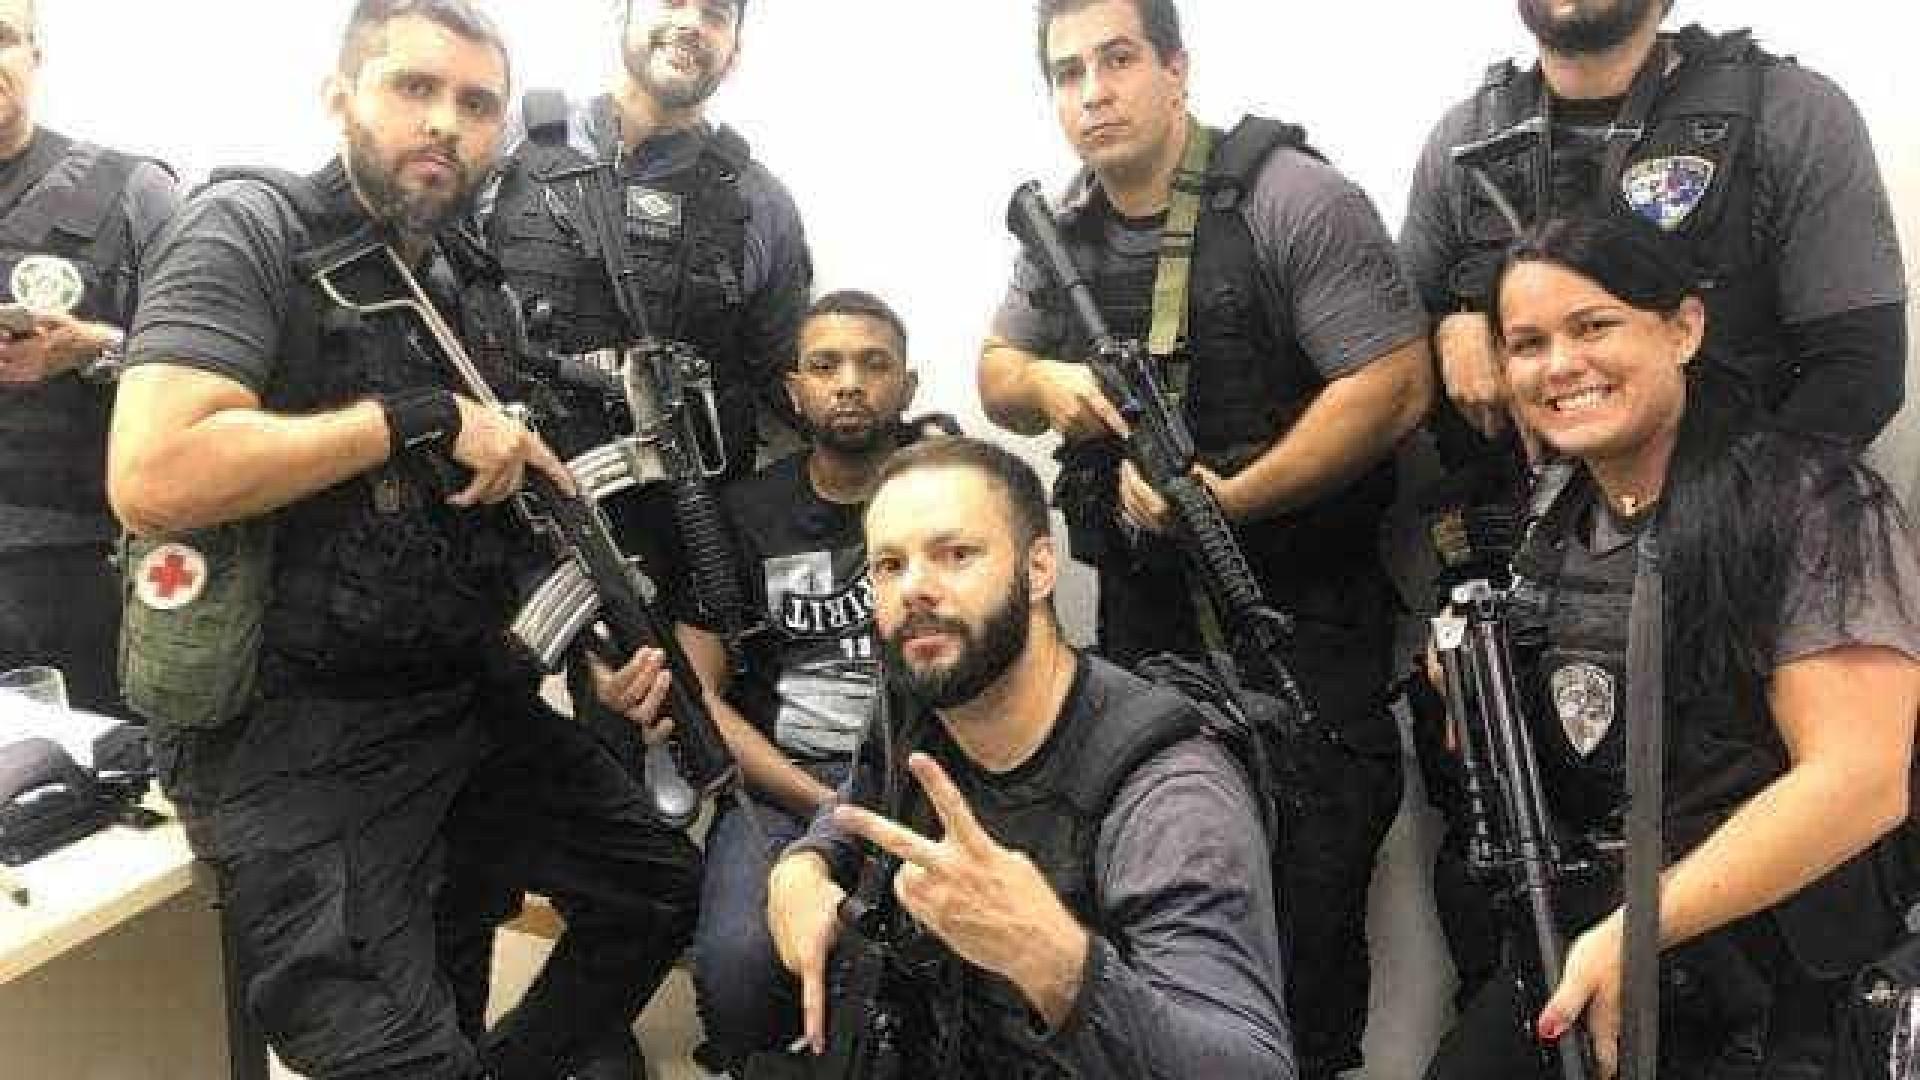 Em comemoração, policiais fazem 'selfies' com Rogério 157 após prisão